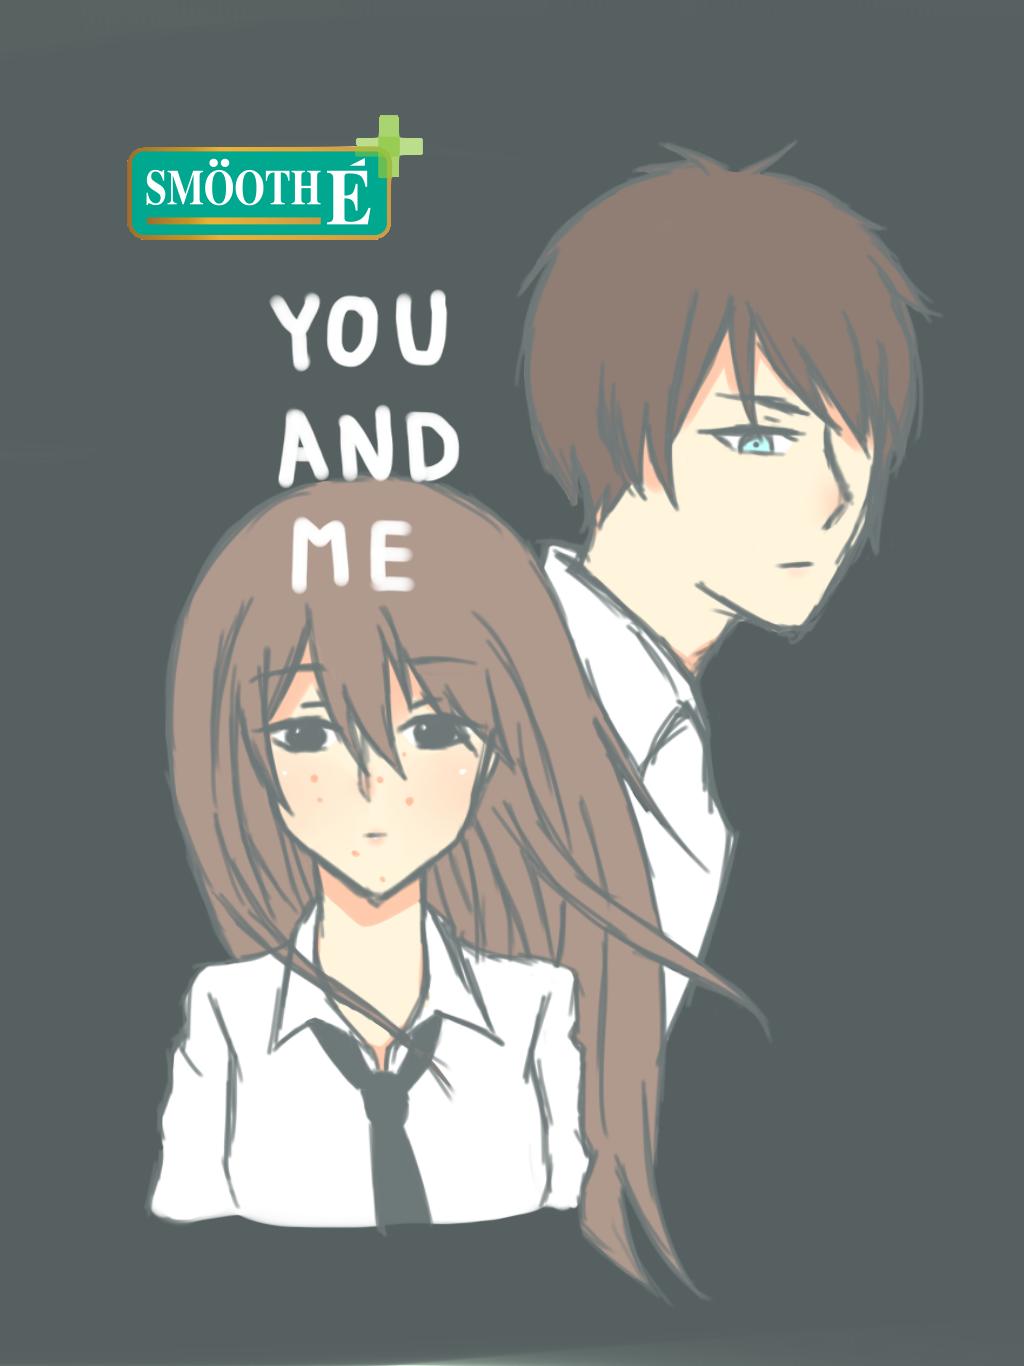 YOU AND ME เรื่องของนายกับฉัน (พี่หมอstory)